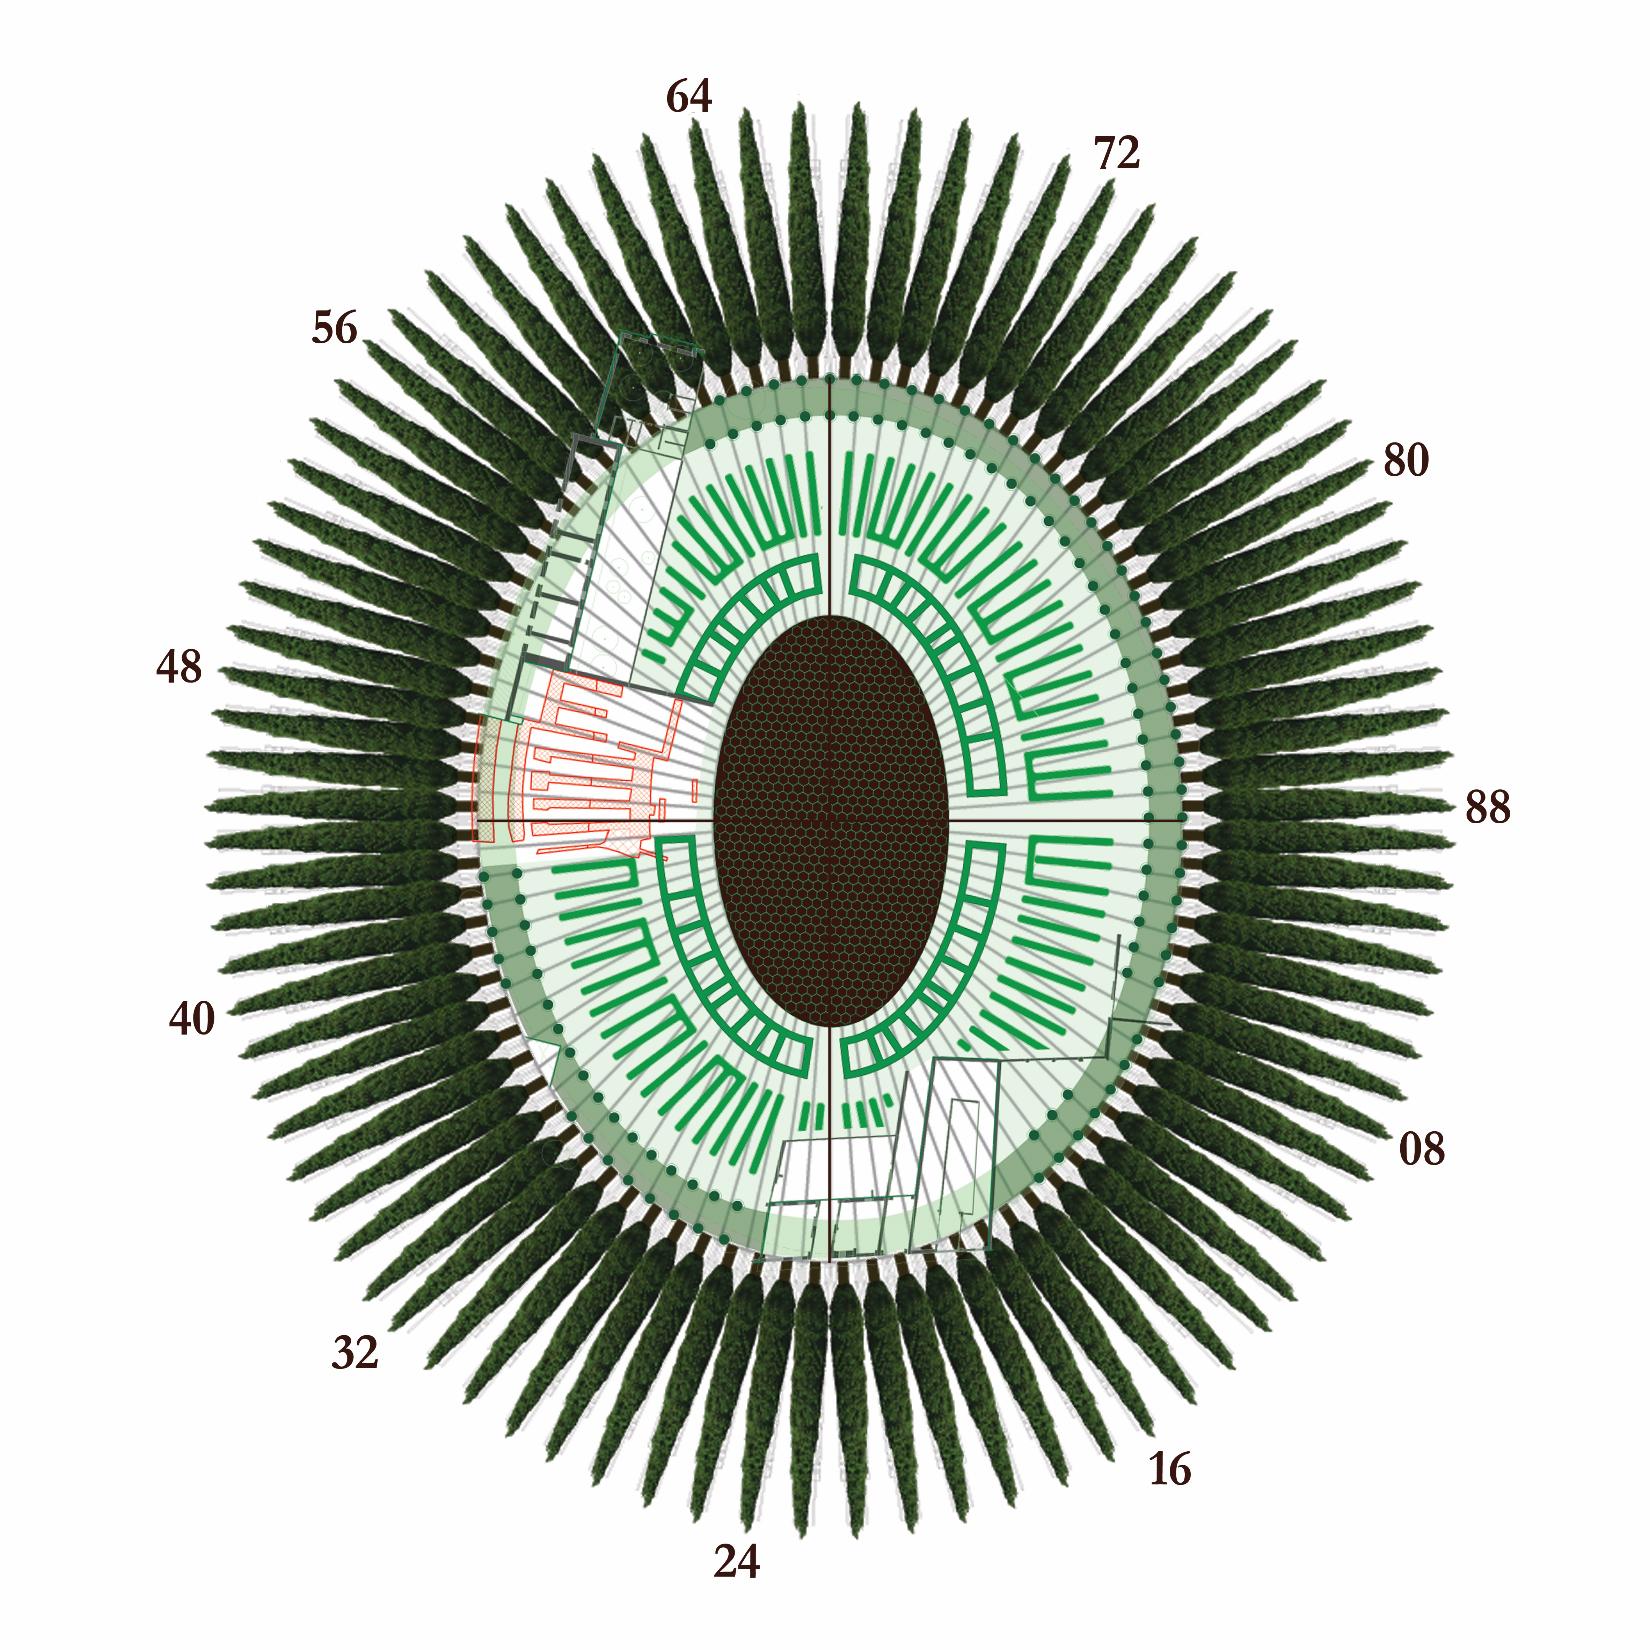 Anfiteatro Romano la simbiosi tra verde e archeologia – giovedì 30 maggio 2019, ore 18